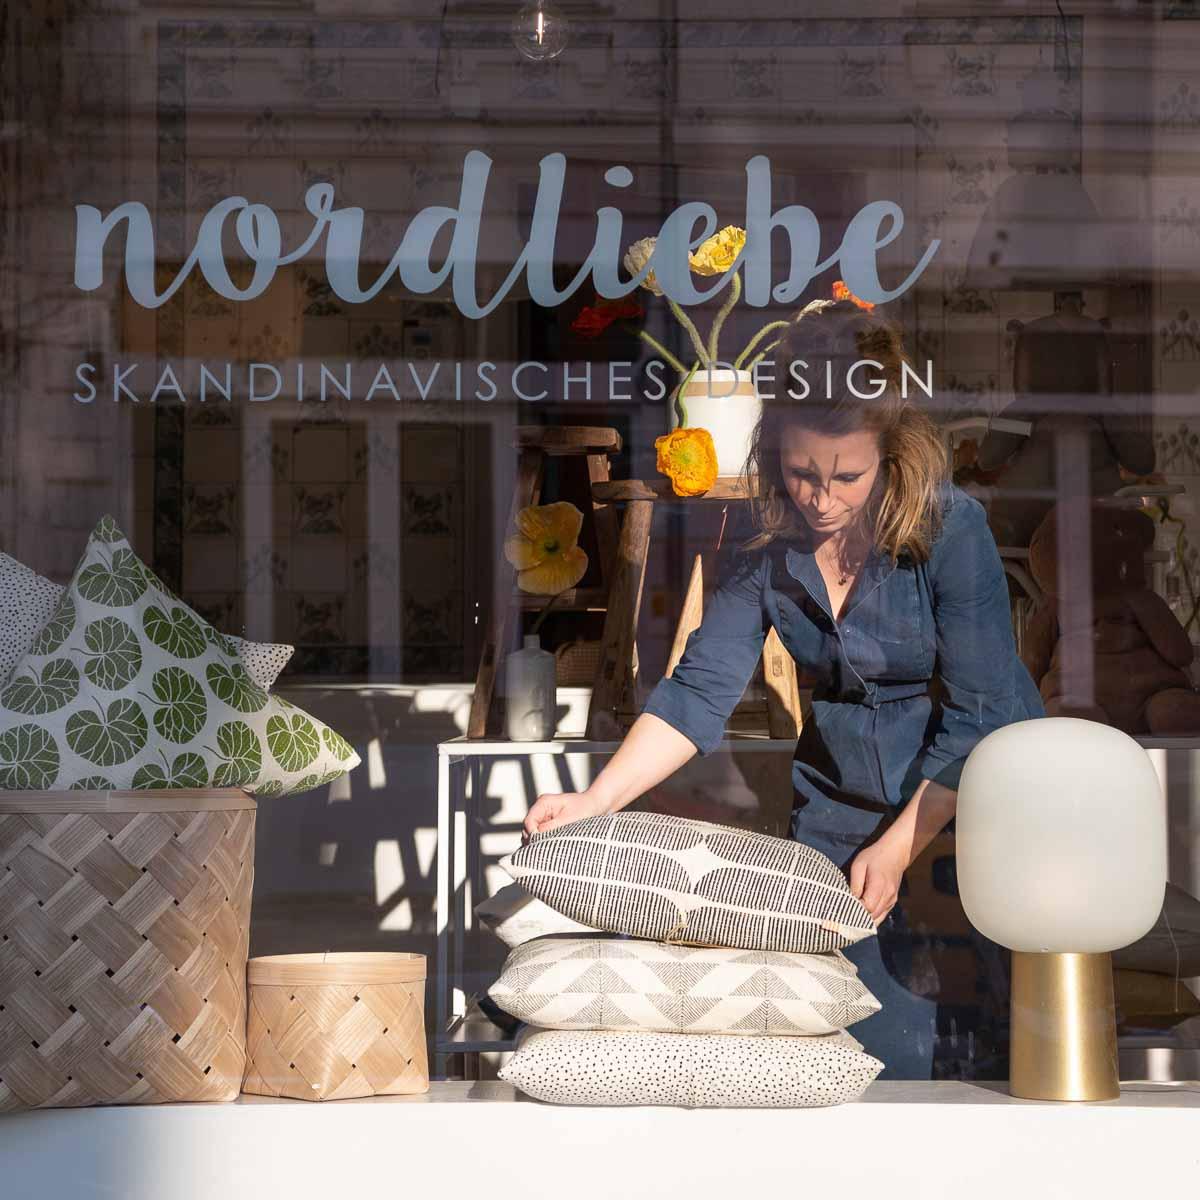 Skandinavischer Concept Store Nordliebe in Berlin-Schöneberg-13